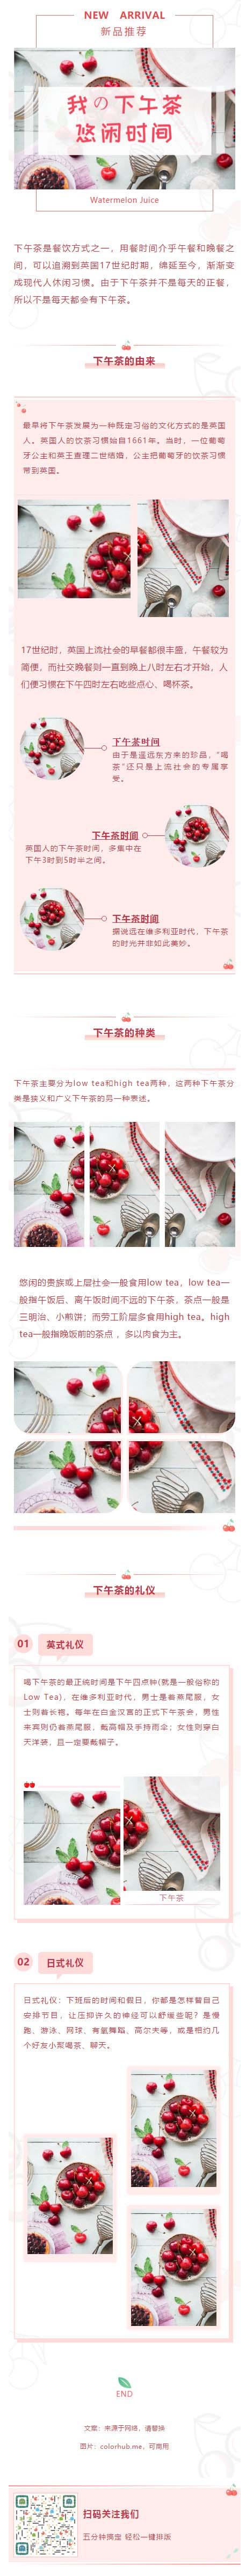 下午茶美食蛋糕暖色微信公众号推送图文素材公众号文章模板